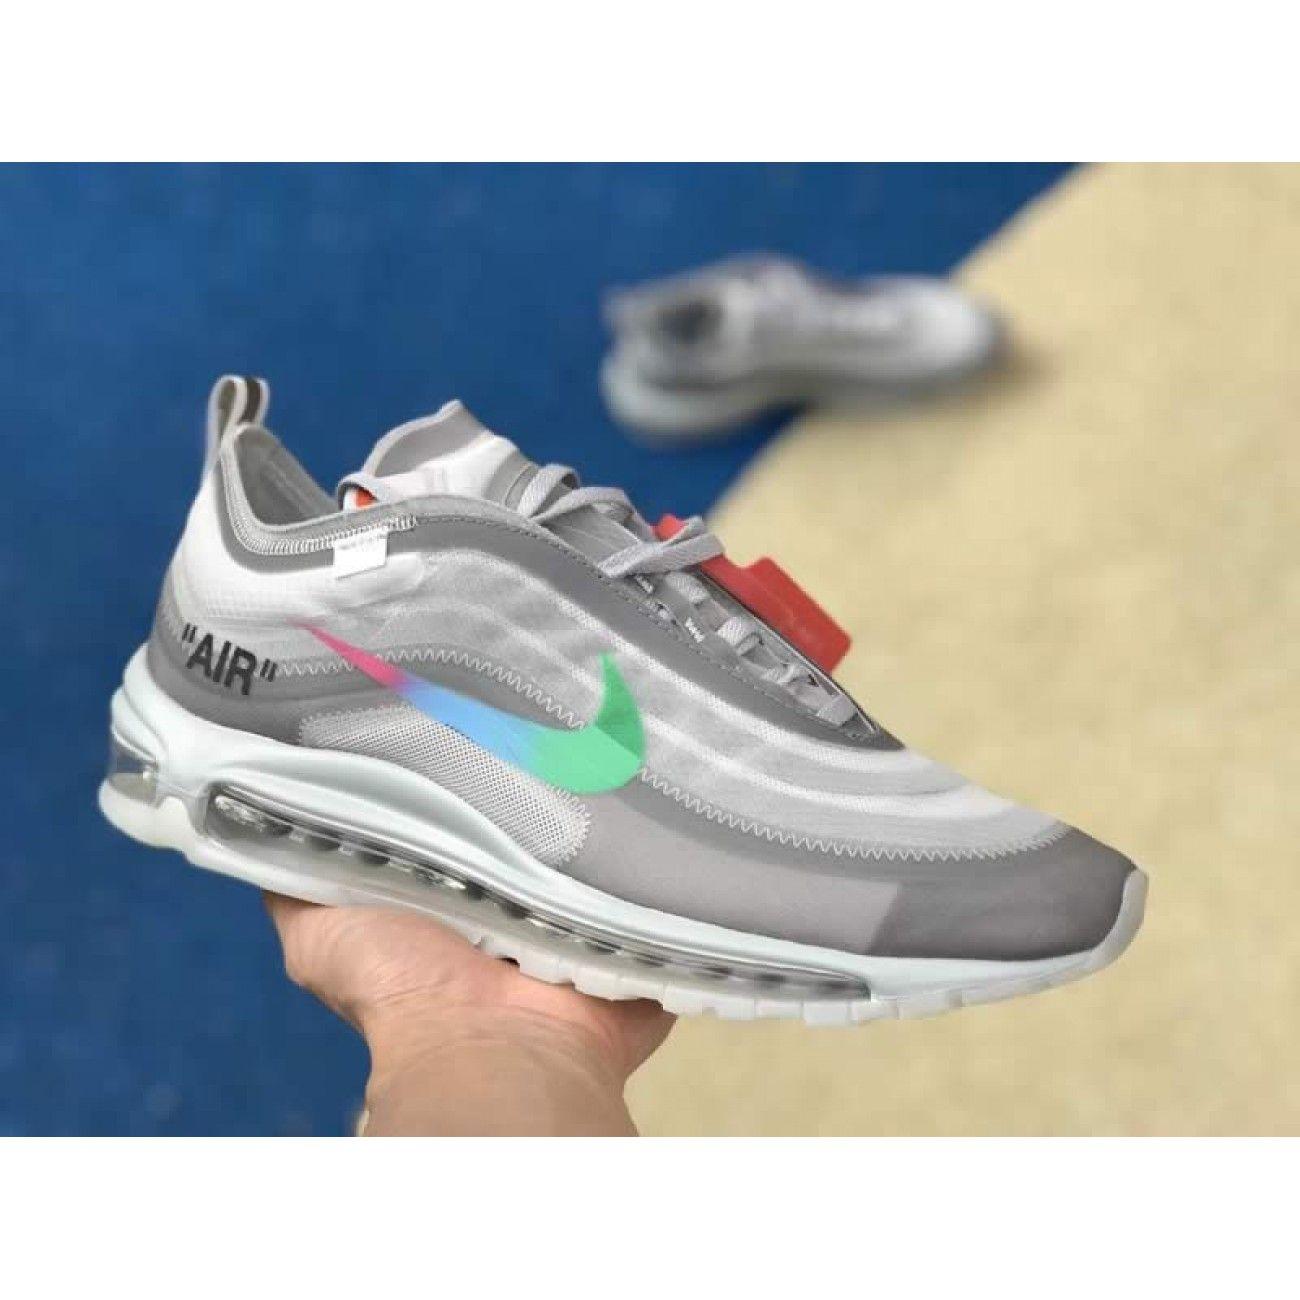 brand new edf85 79909 Off-White x Nike Air Max 97 Green Grey Mens Womens Shoes AJ4585-012